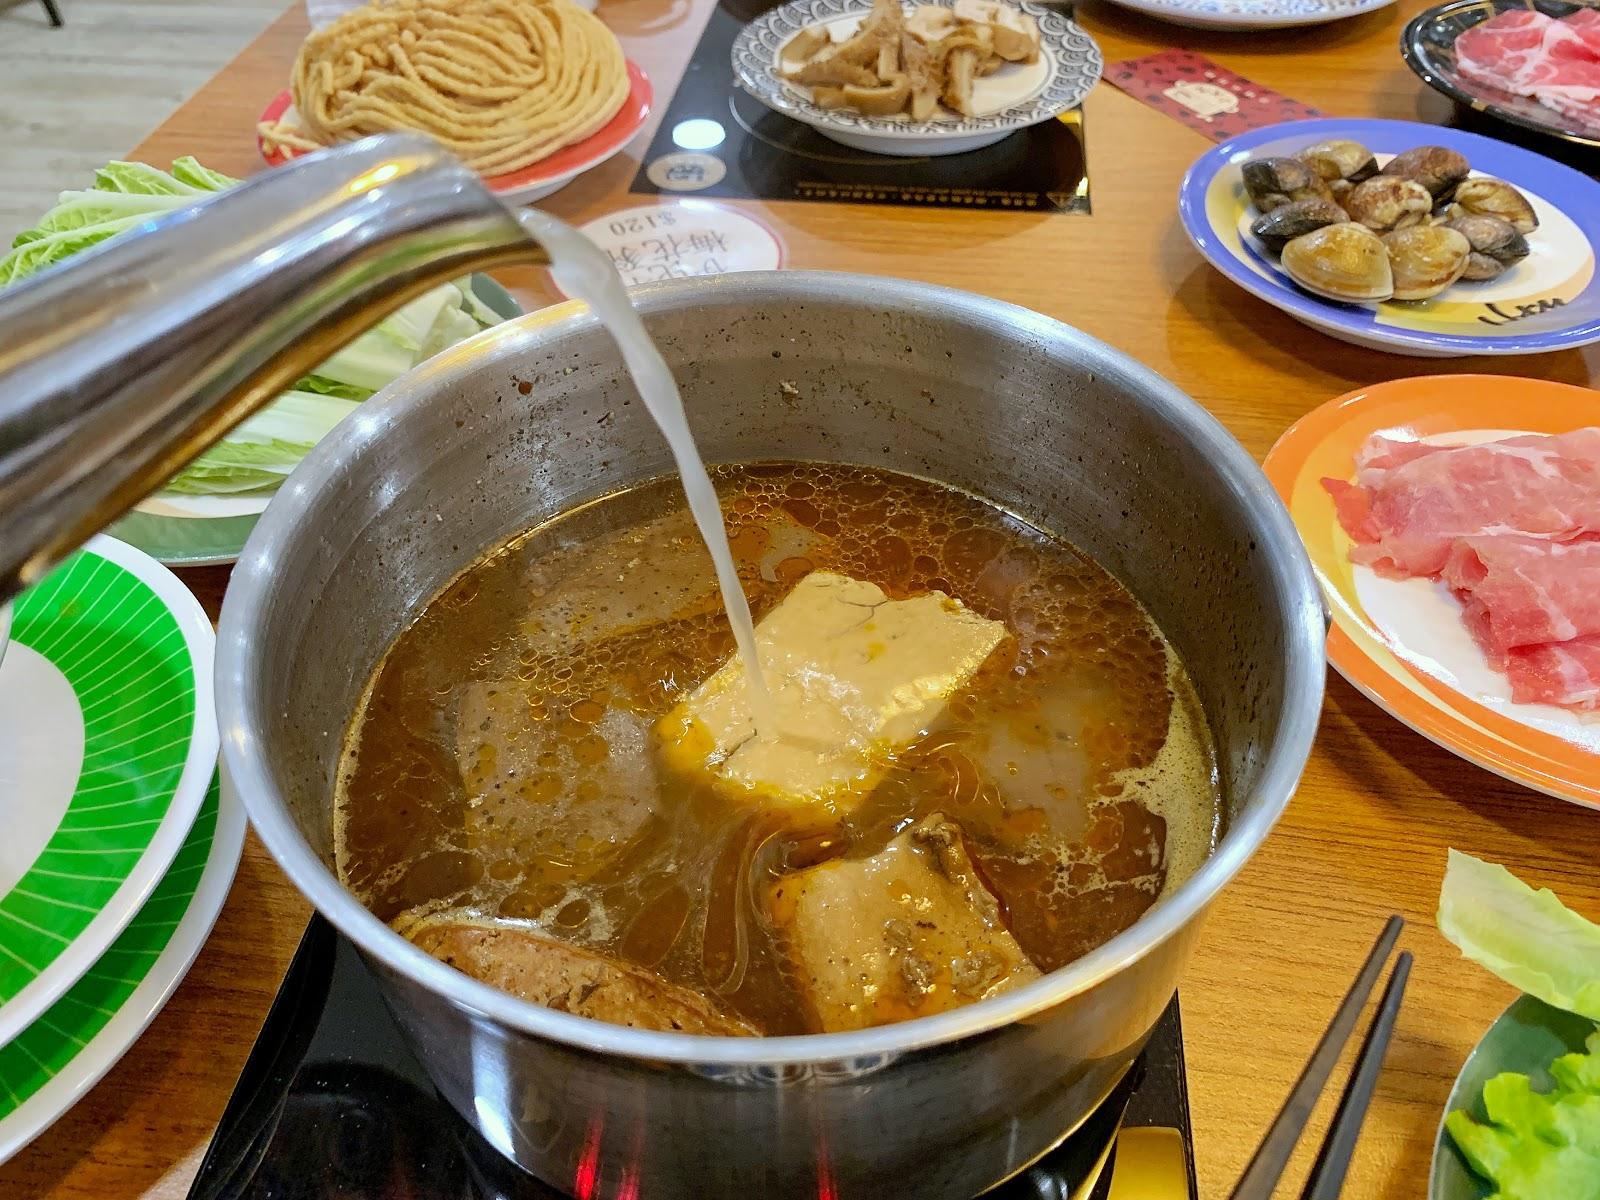 小XM迴轉麻辣鍋的招牌麻辣湯